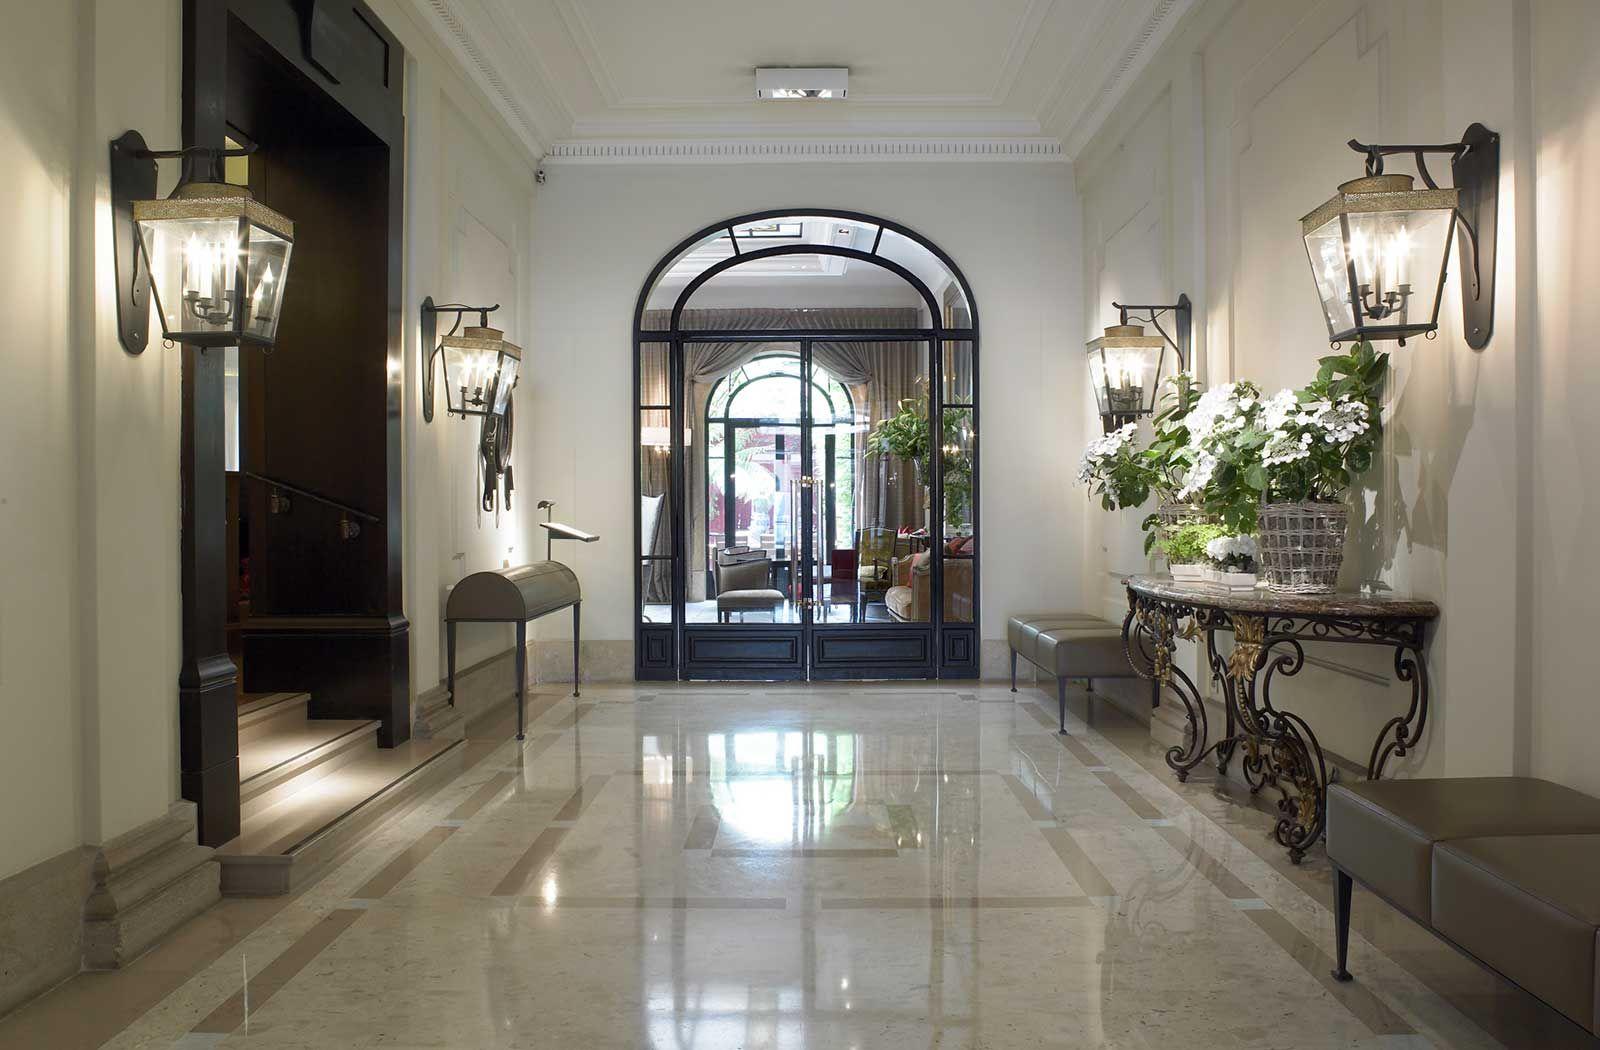 Lancaster Hotel Paris Hotel Champs Elysees Paris 5 Stars 8